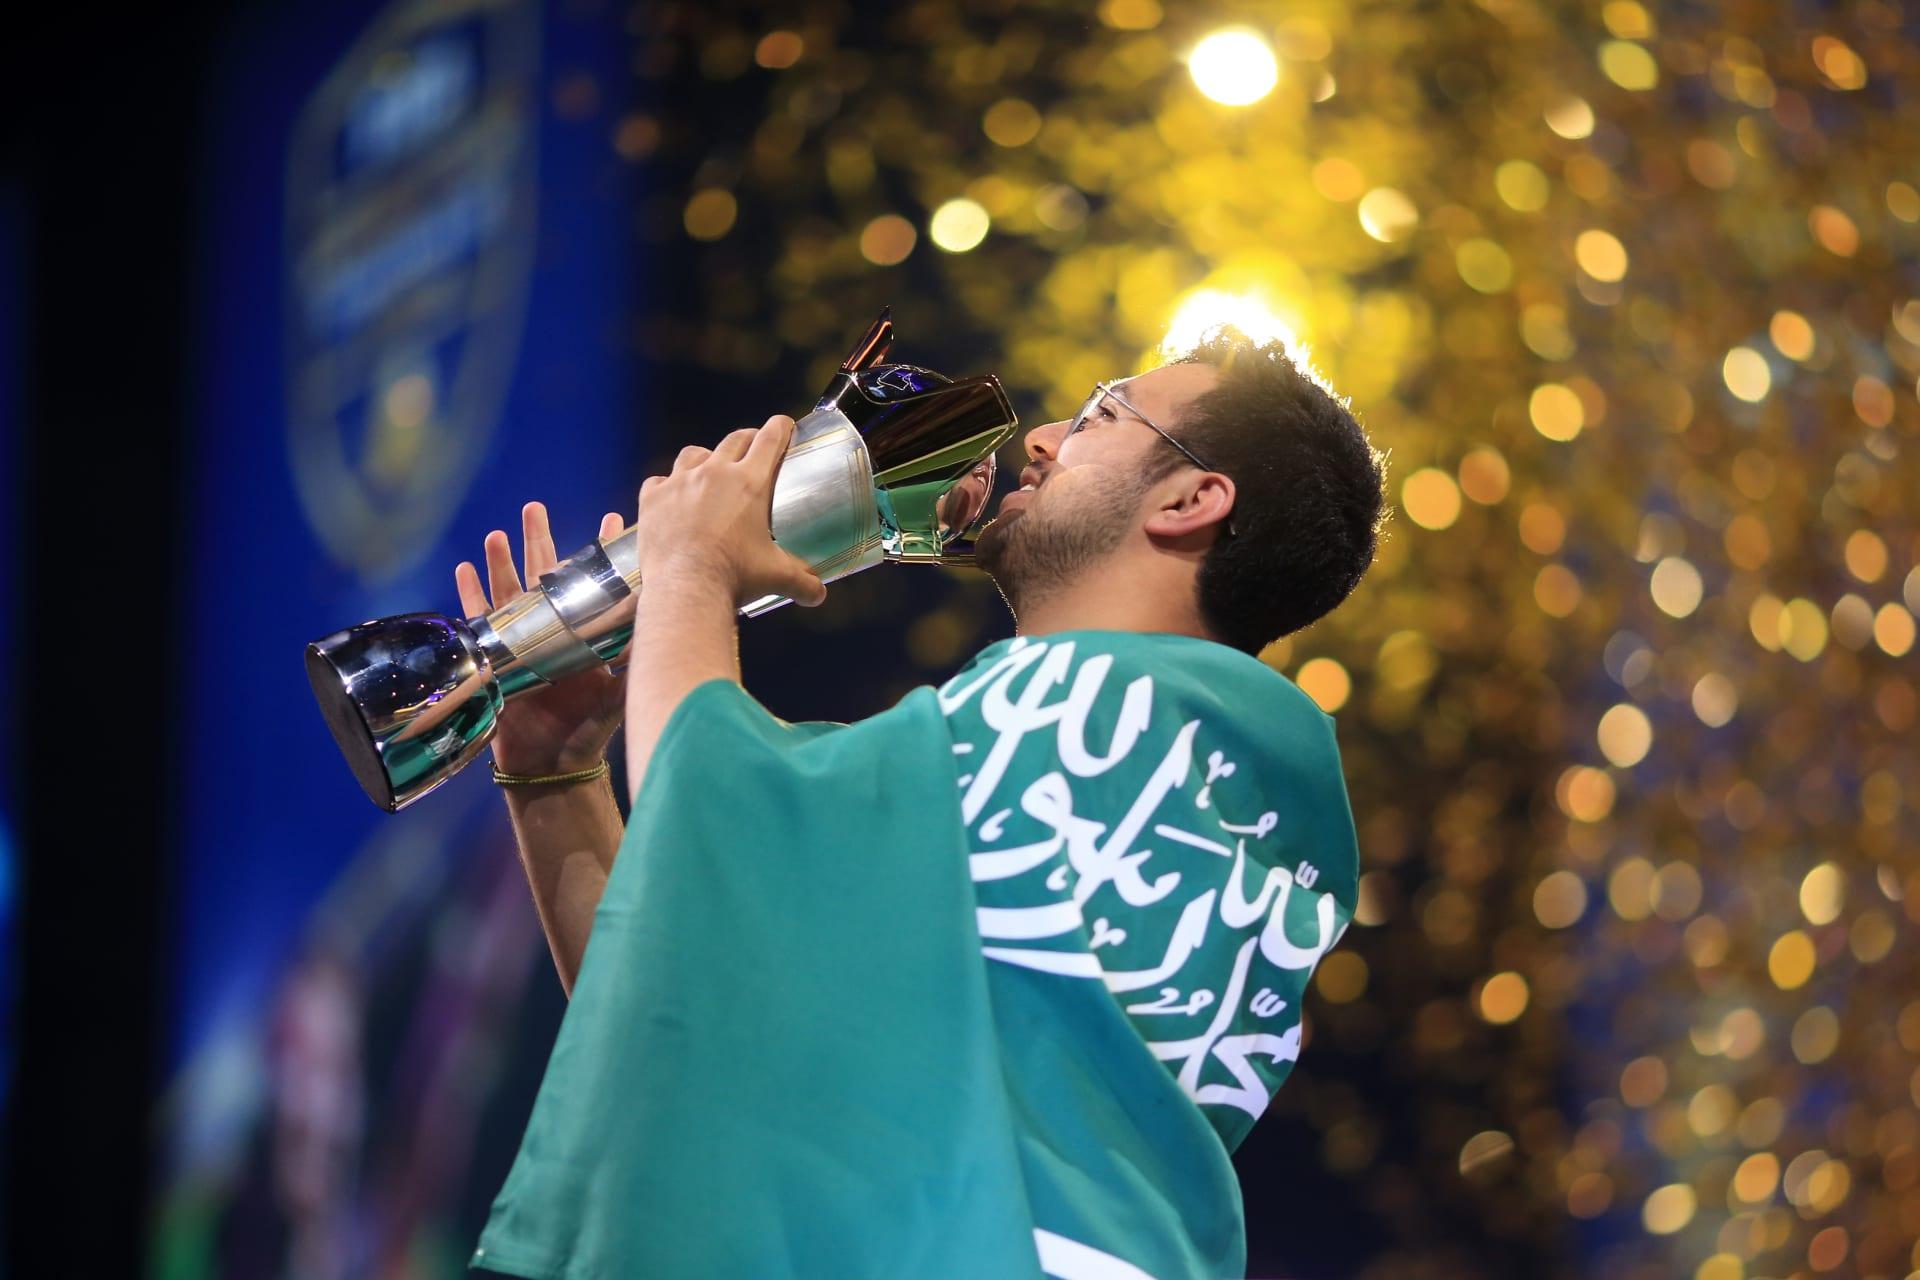 """ثاني سعودي يحقق اللقب.. مساعد الدوسري بطلا لكأس العالم بلعبة """"Fifa"""""""